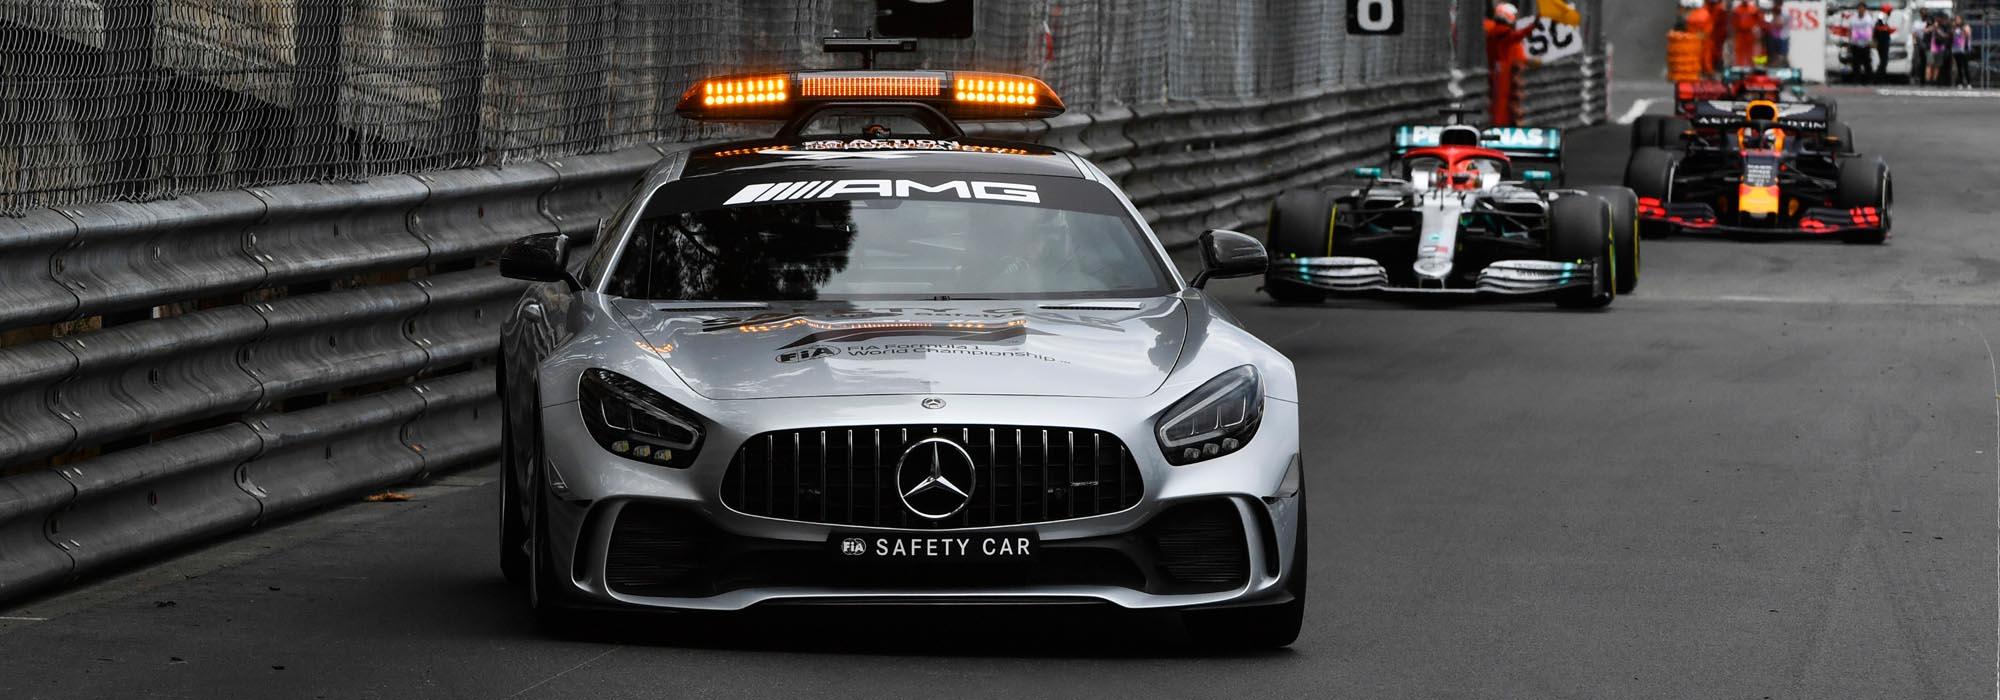 Hamilton clinches 'intense' Monaco win, dedicates victory to